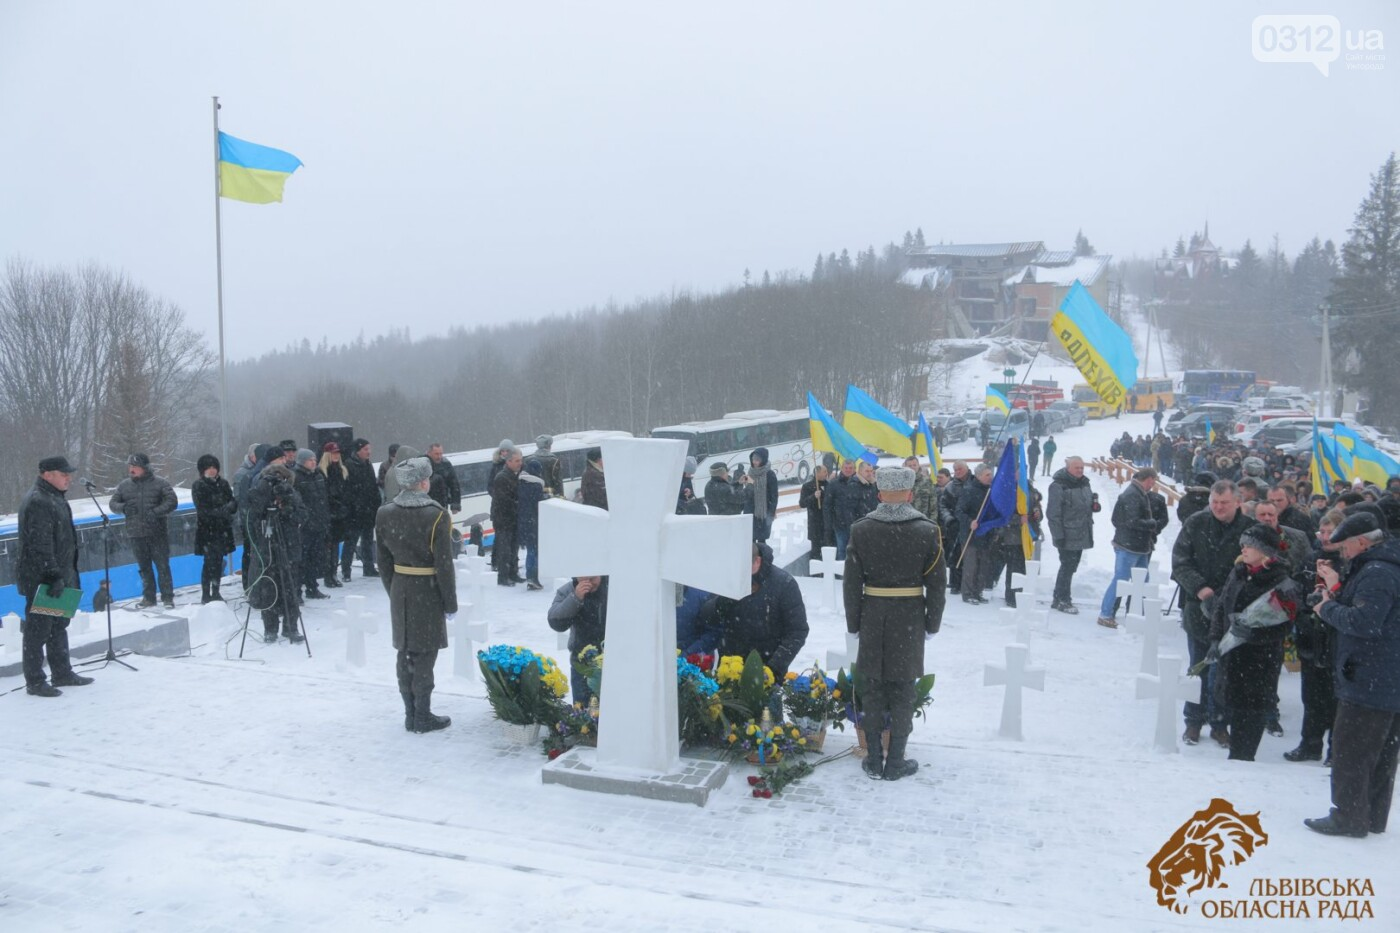 Закарпатці віддали шану полеглим січовикам Карпатської України на Верецькому перевалі (ФОТОРЕПОРТАЖ), фото-12